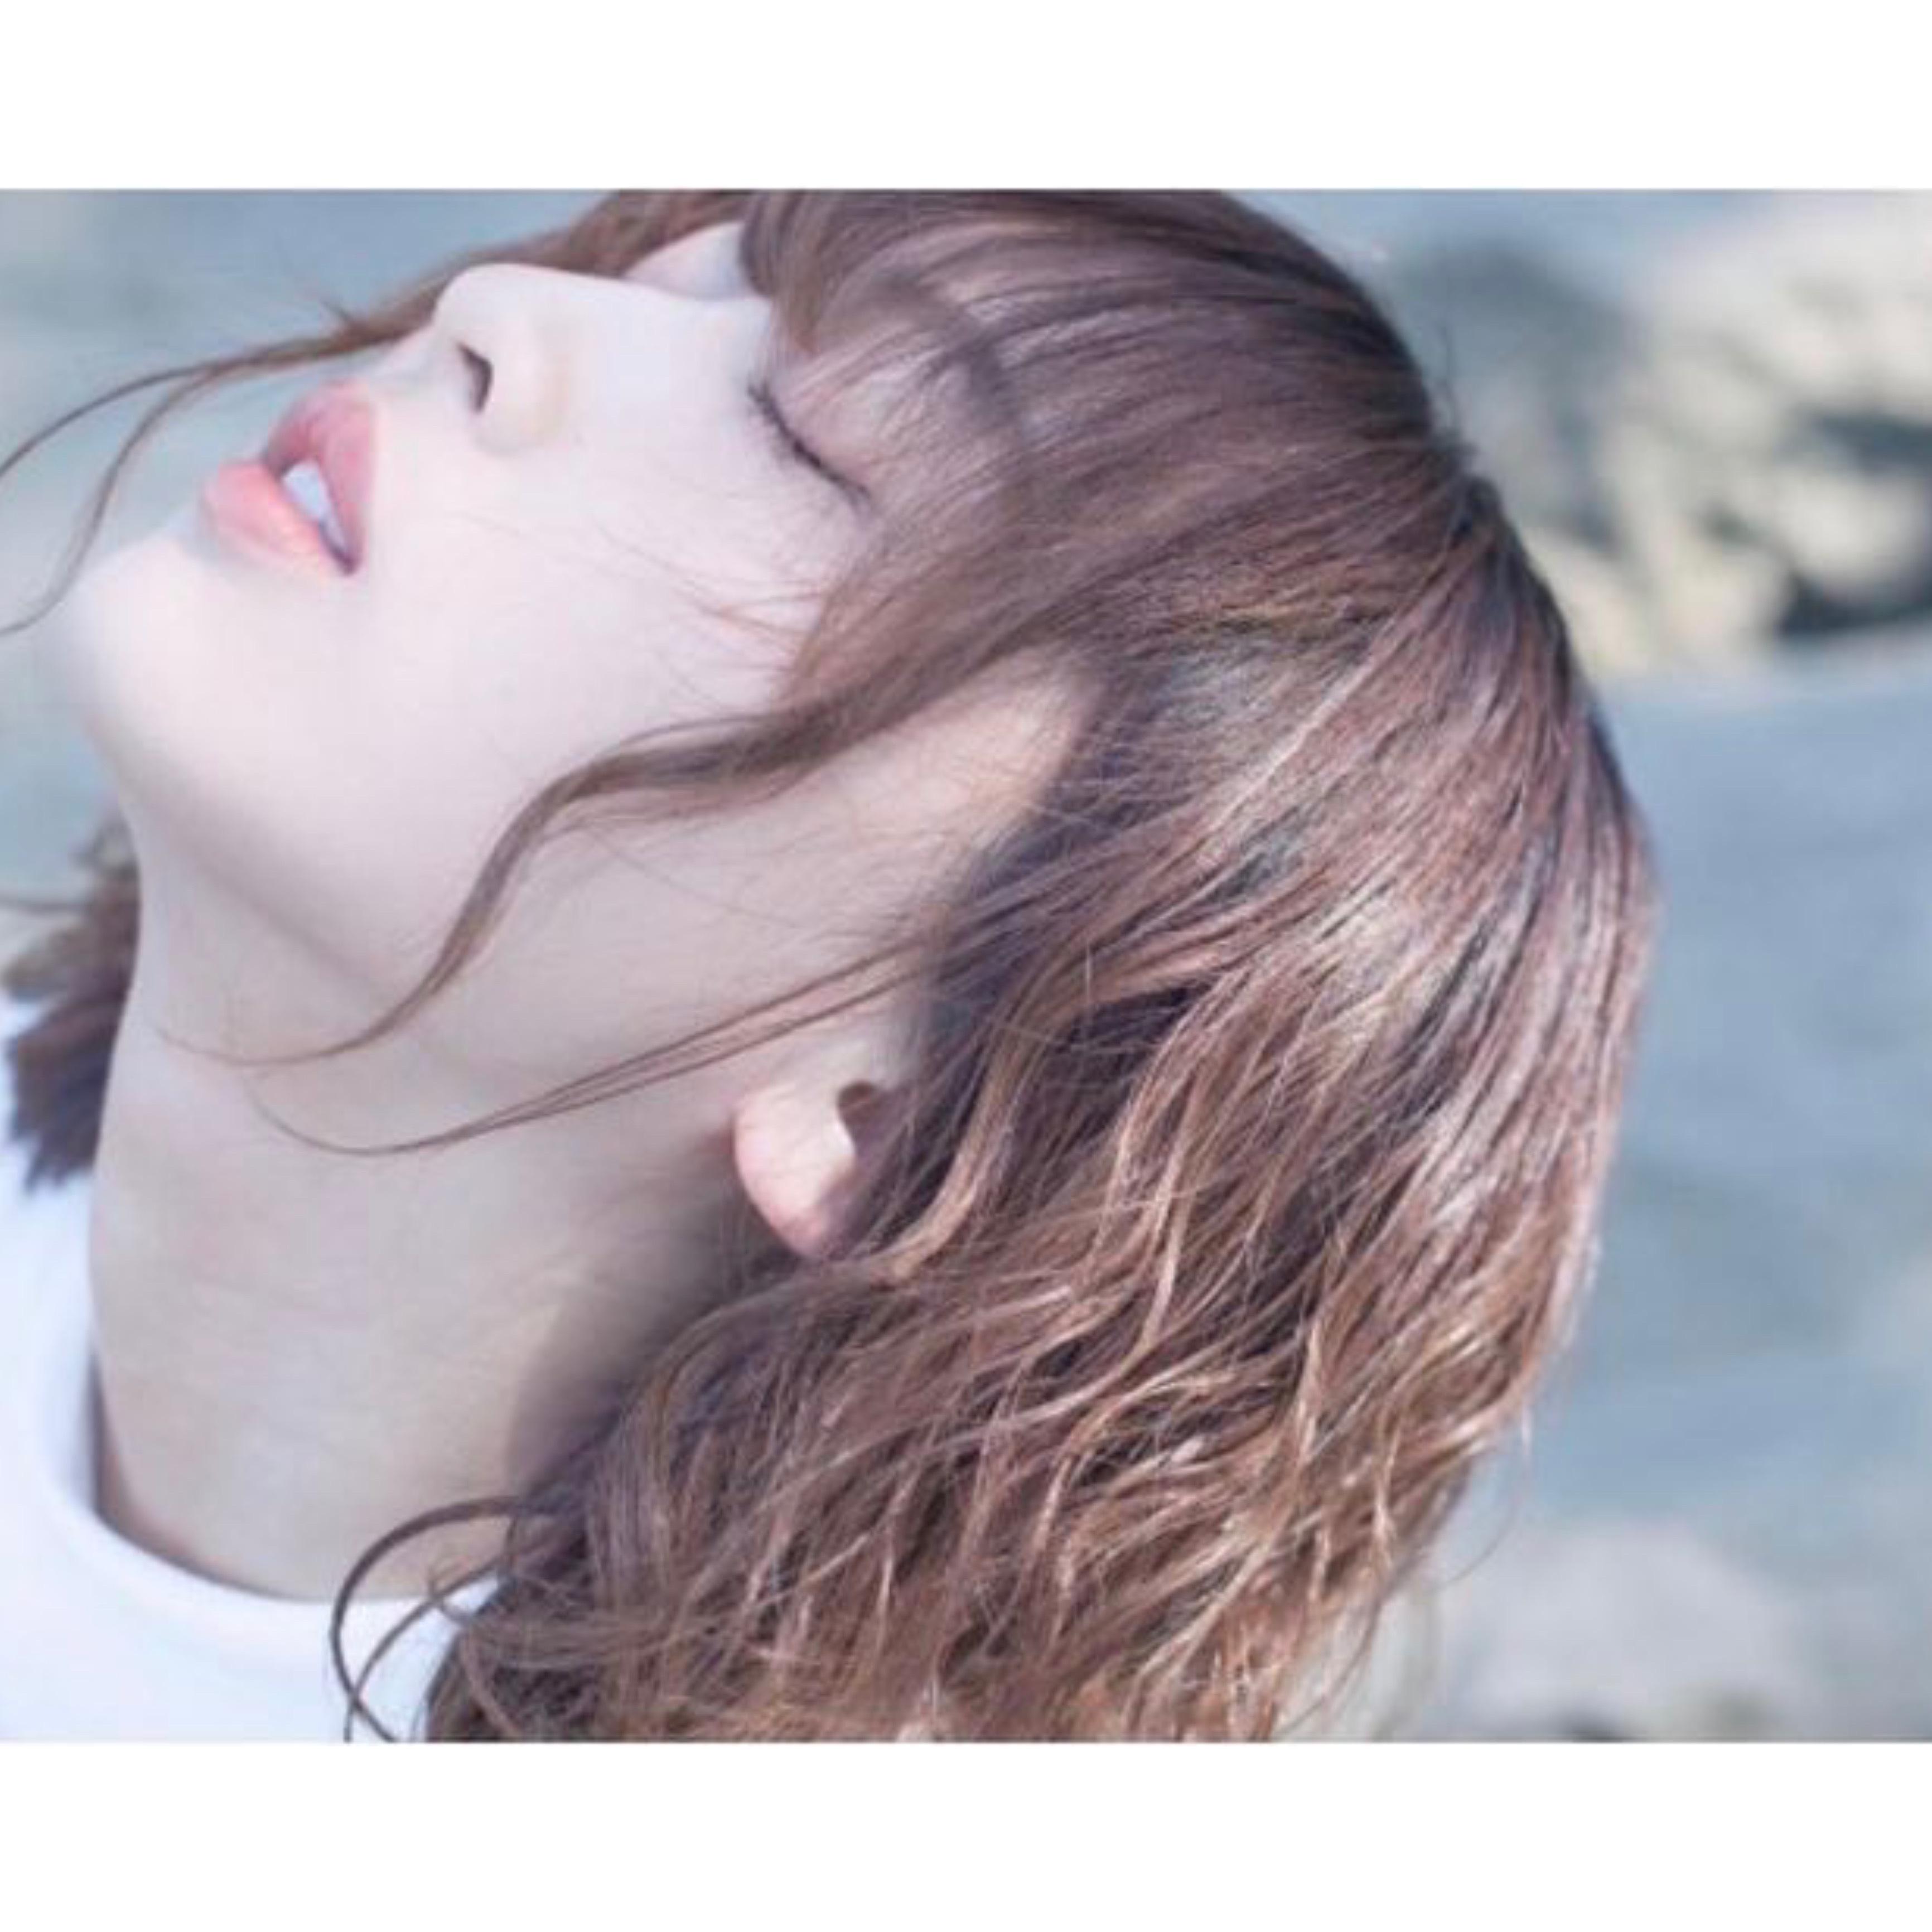 【めざせ!素肌美人♡】簡単美肌routine_1_1